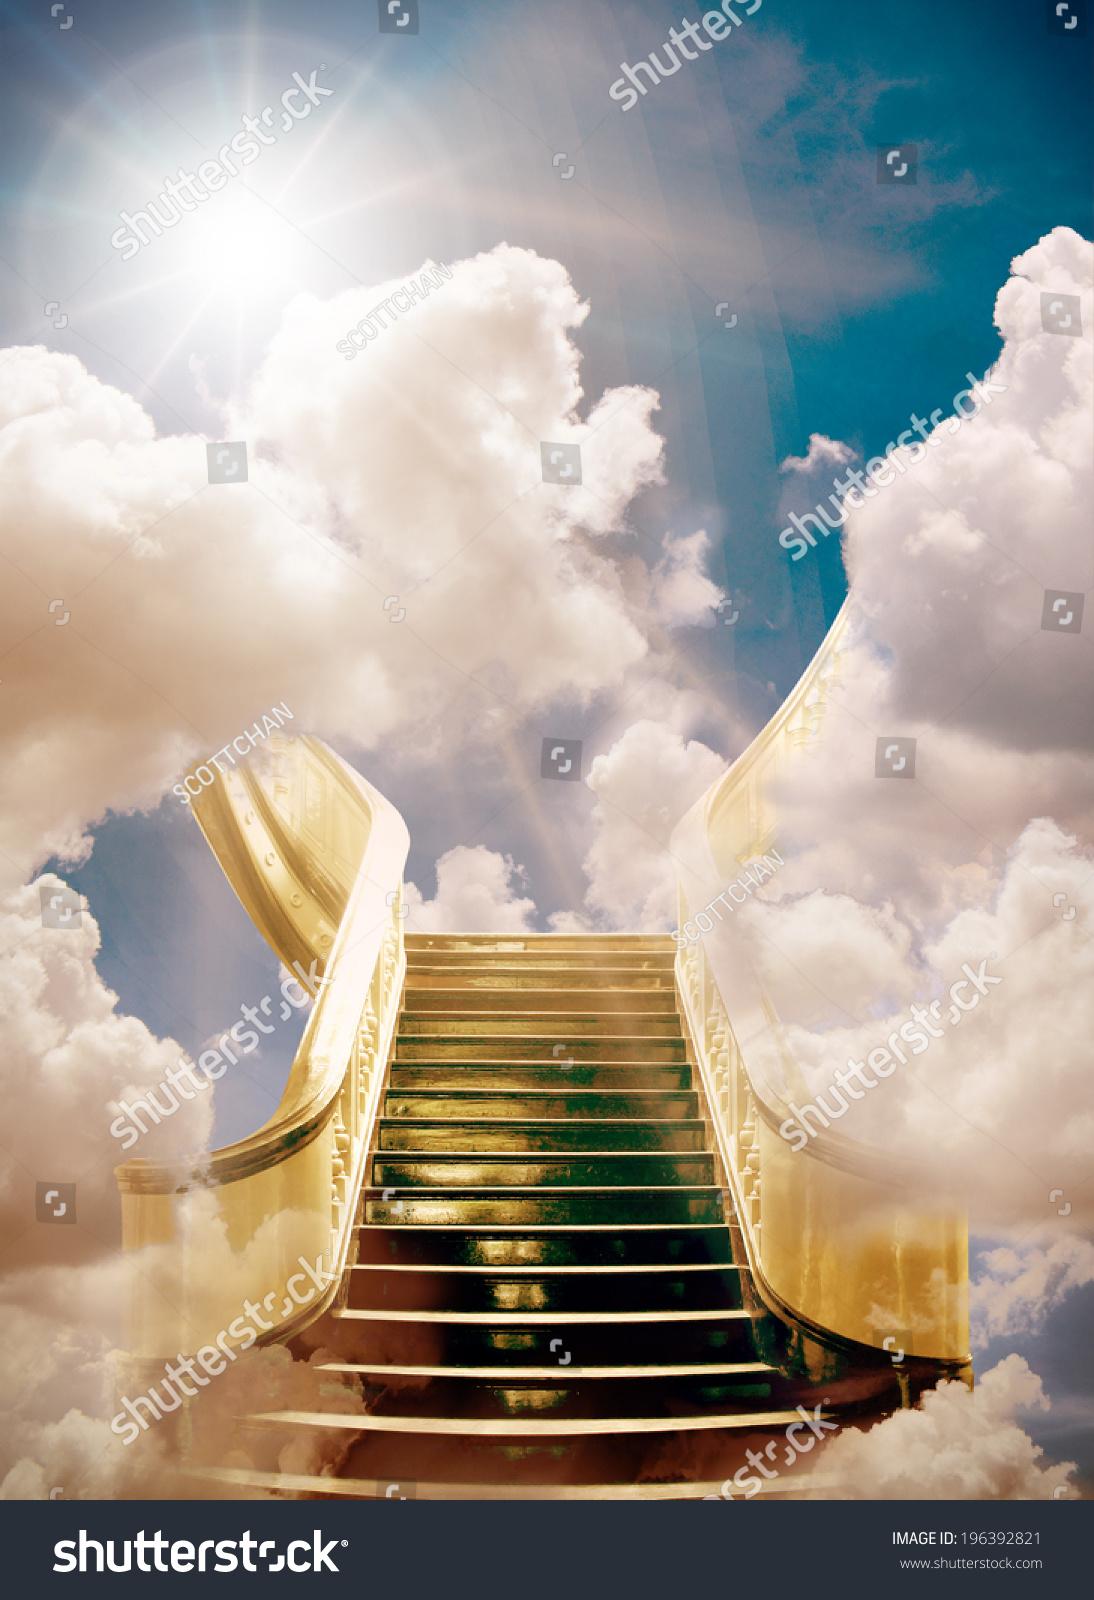 Golden Stairway Heaven Background Stock Photo 196392821